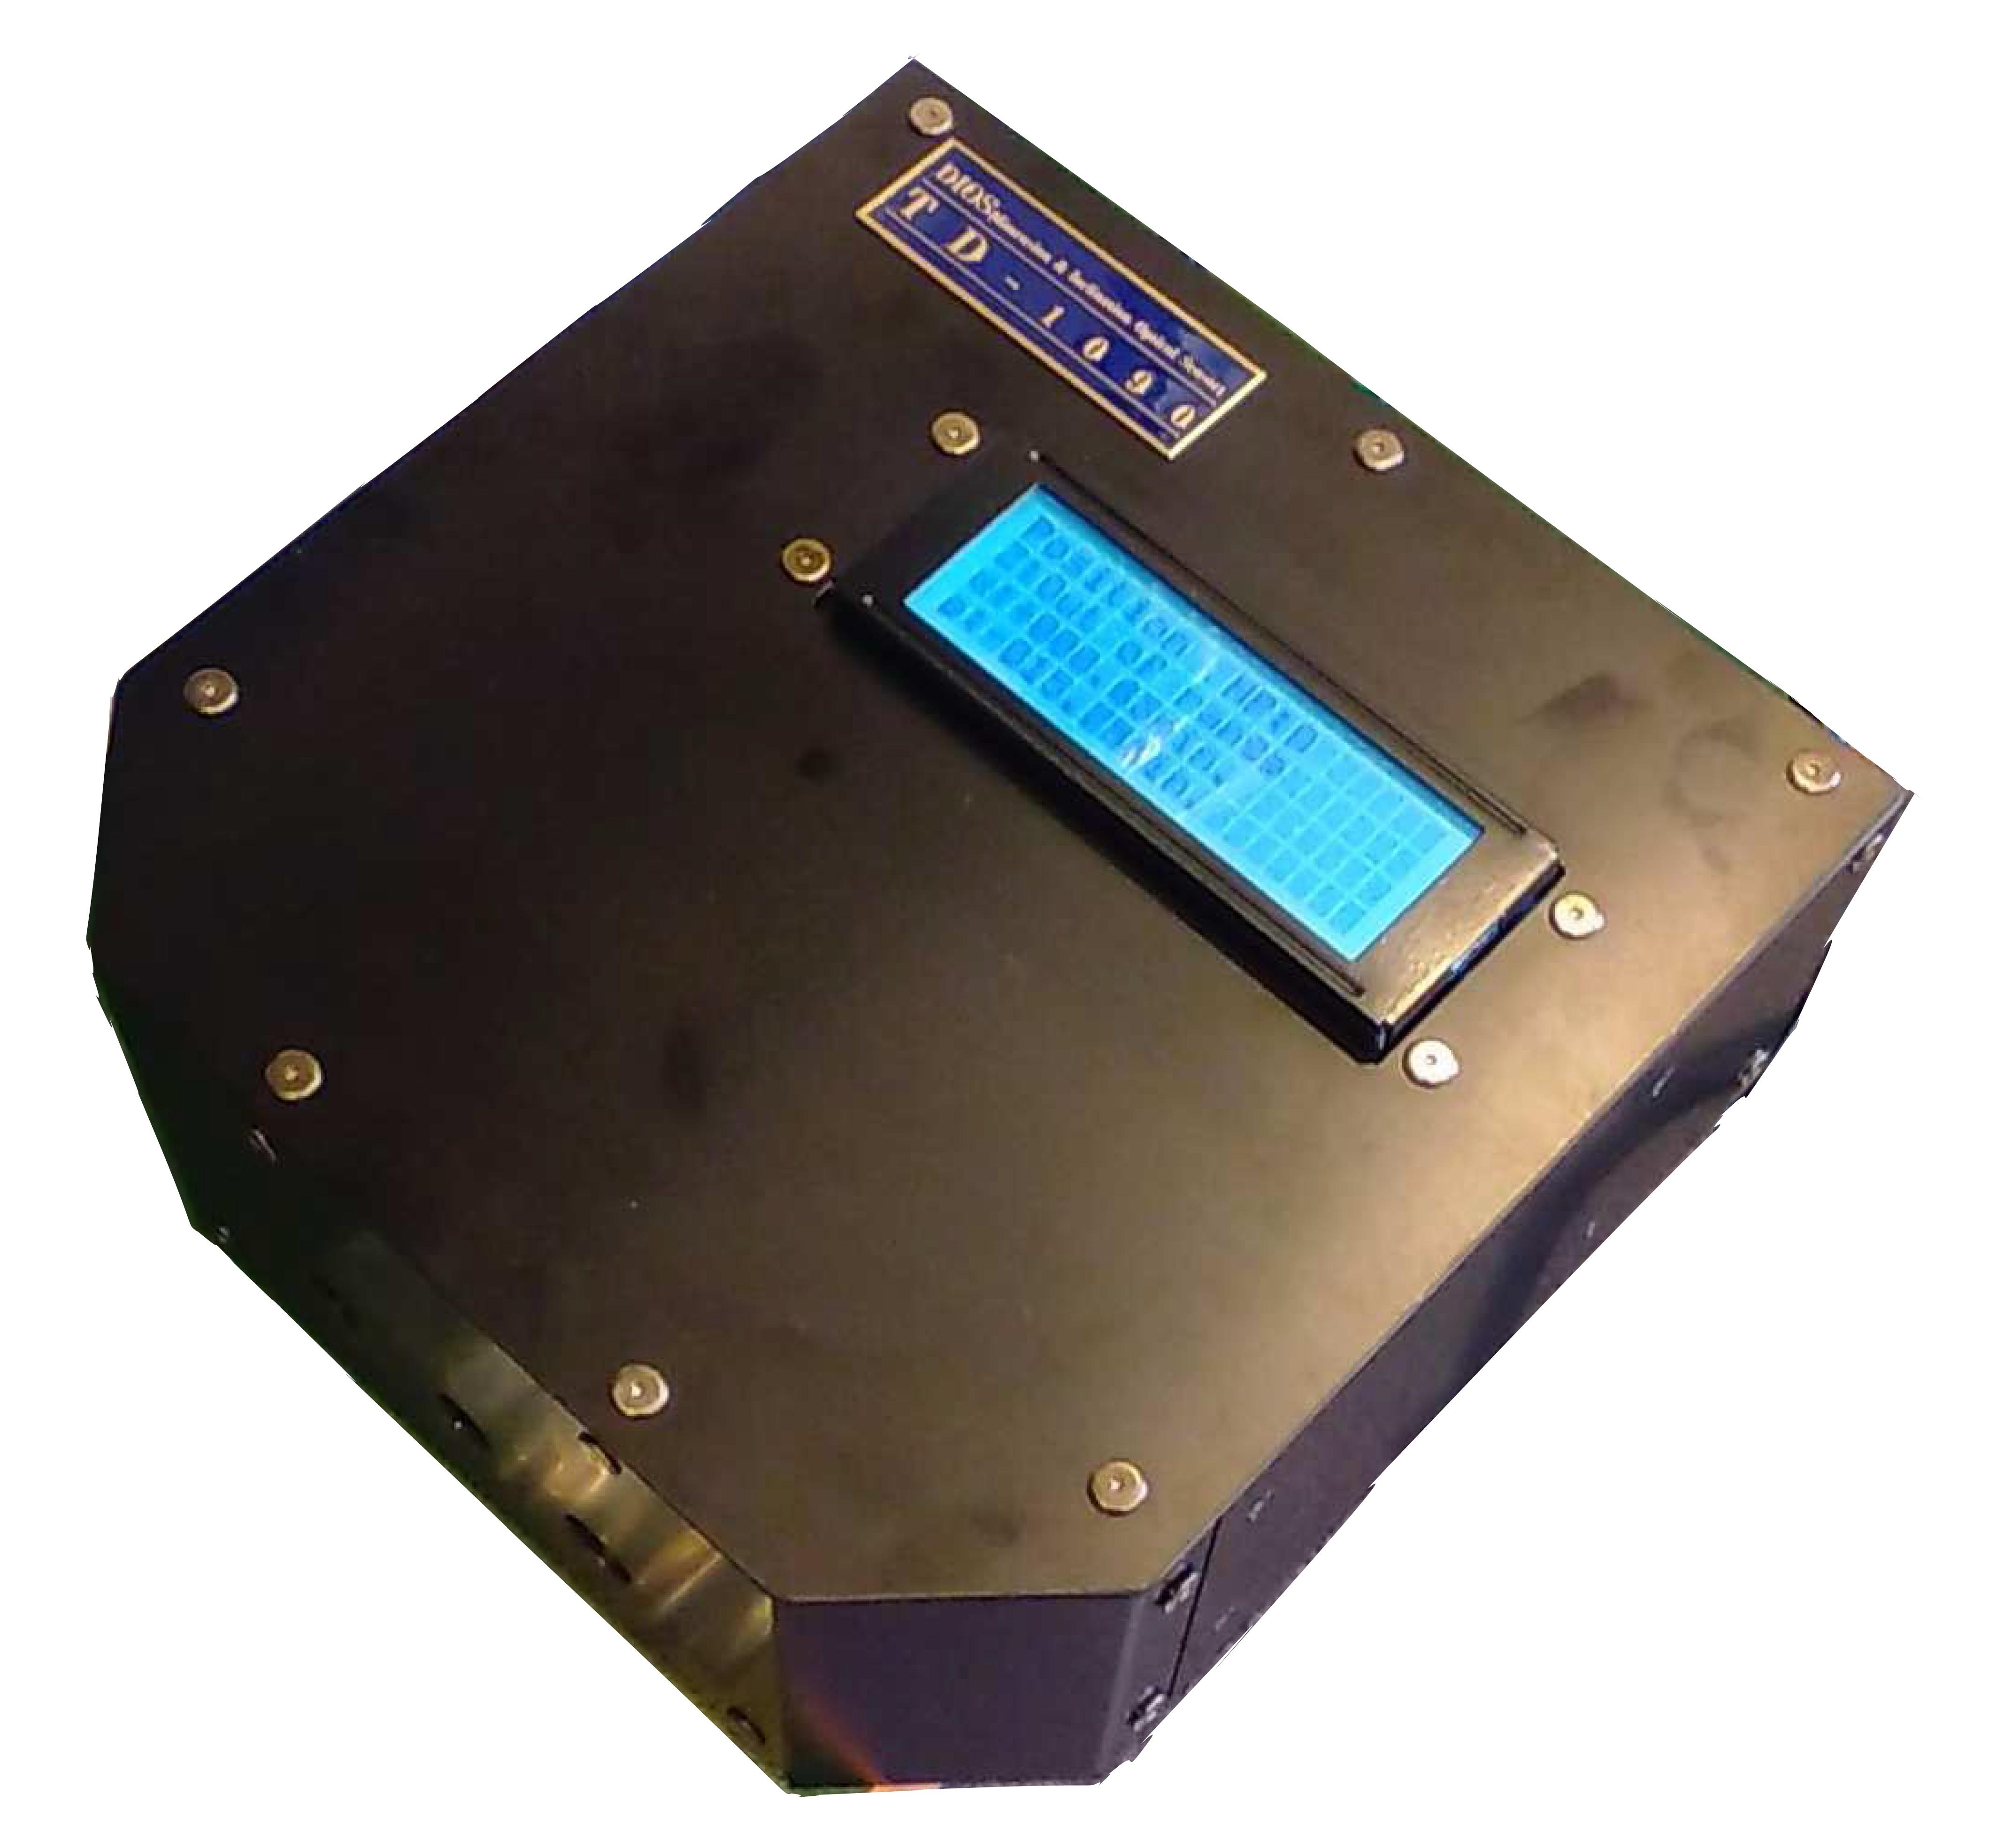 距離及び角度測定用光学センサー